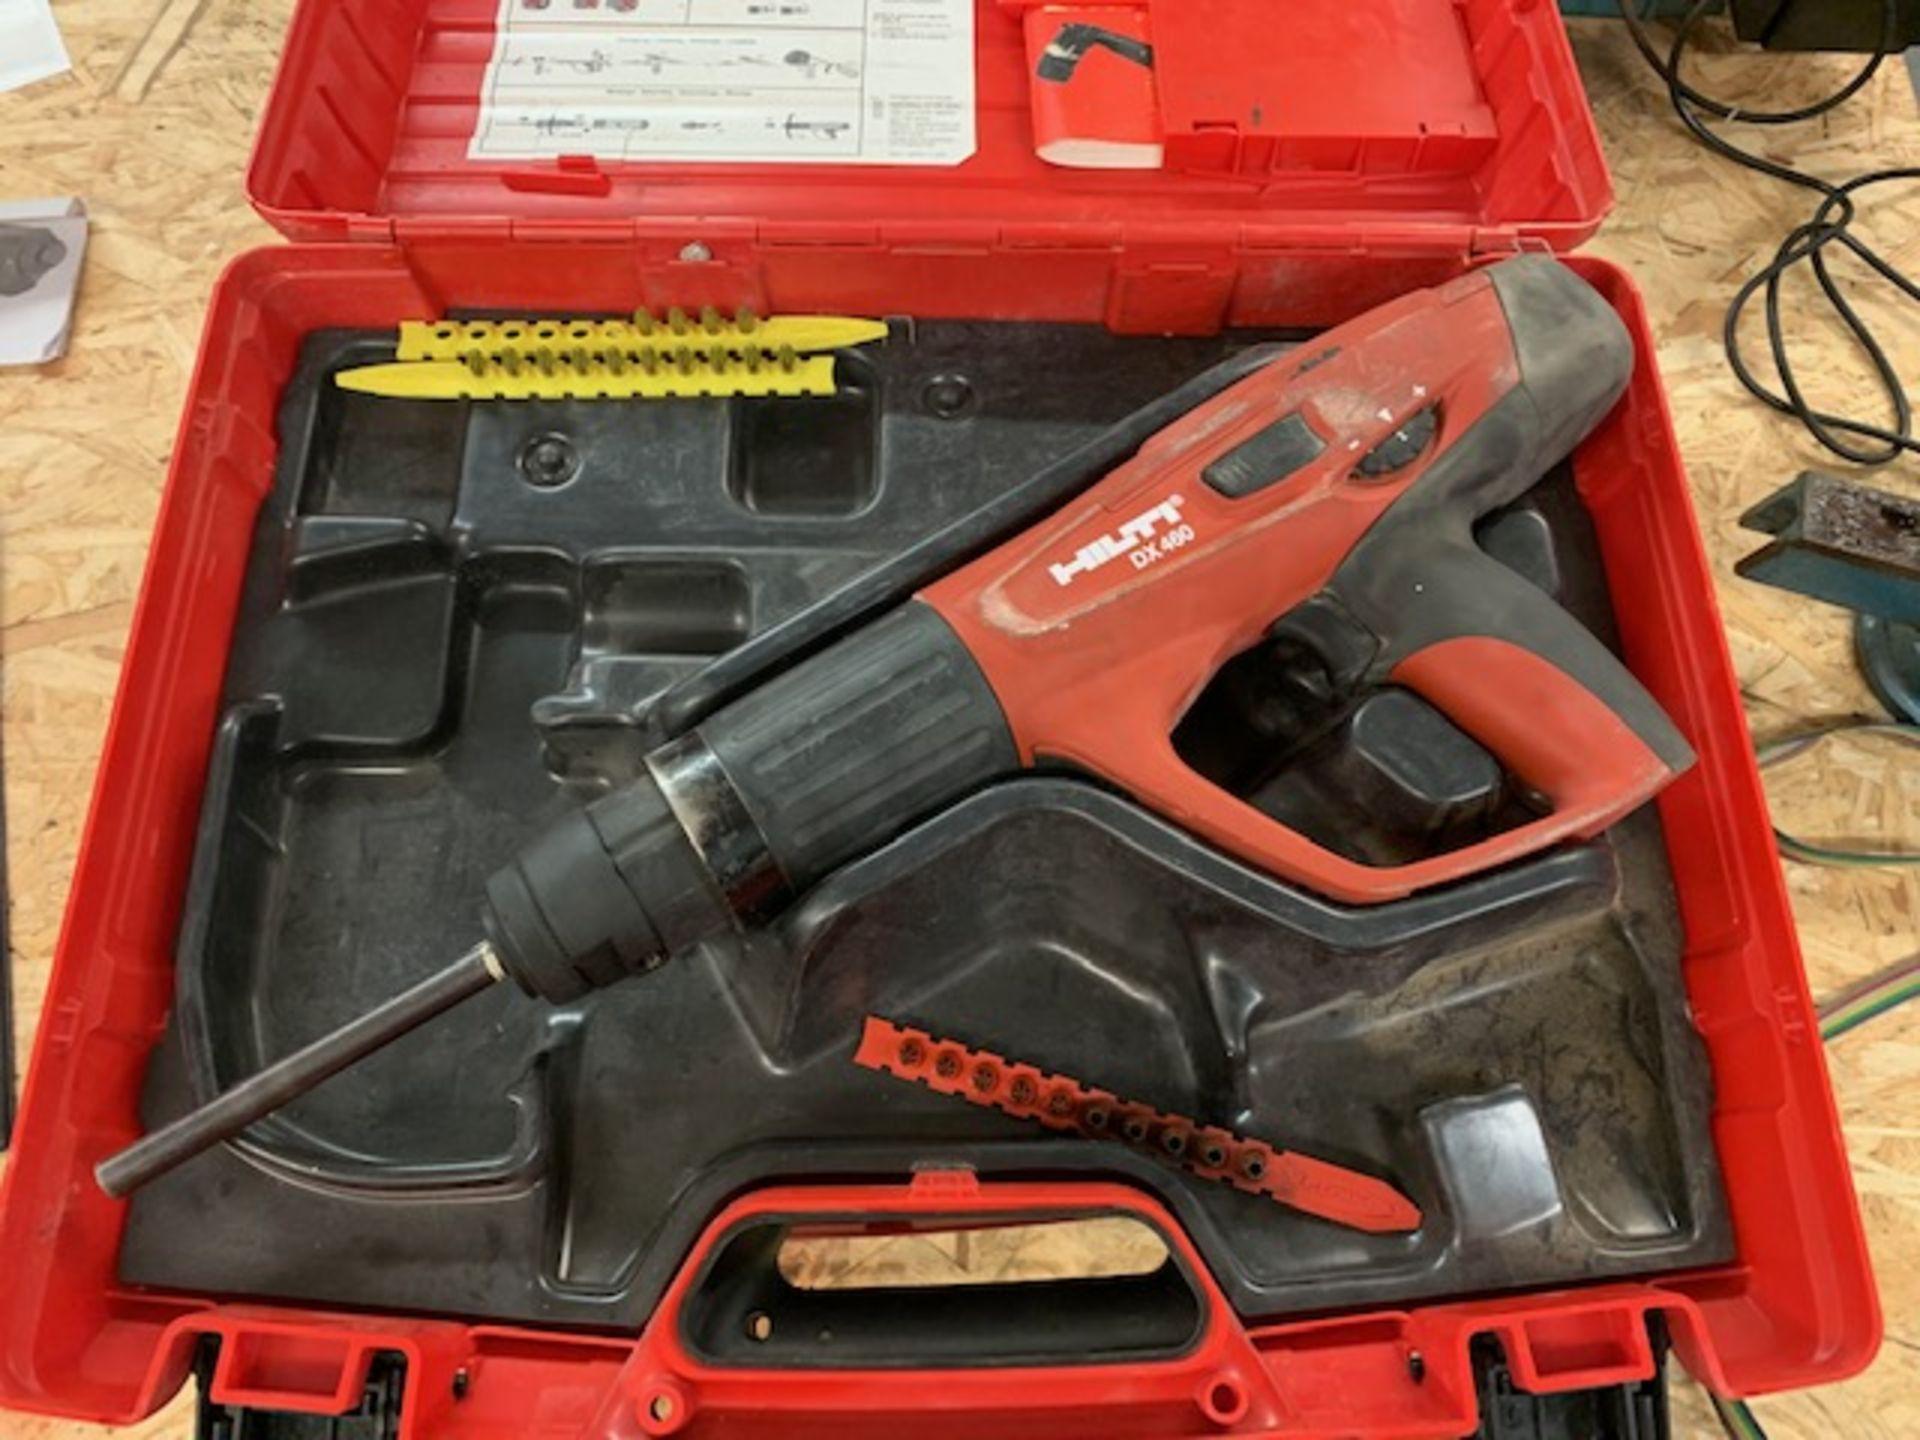 Los 83 - Hilti DX460-1E cartridge hammer nail gun